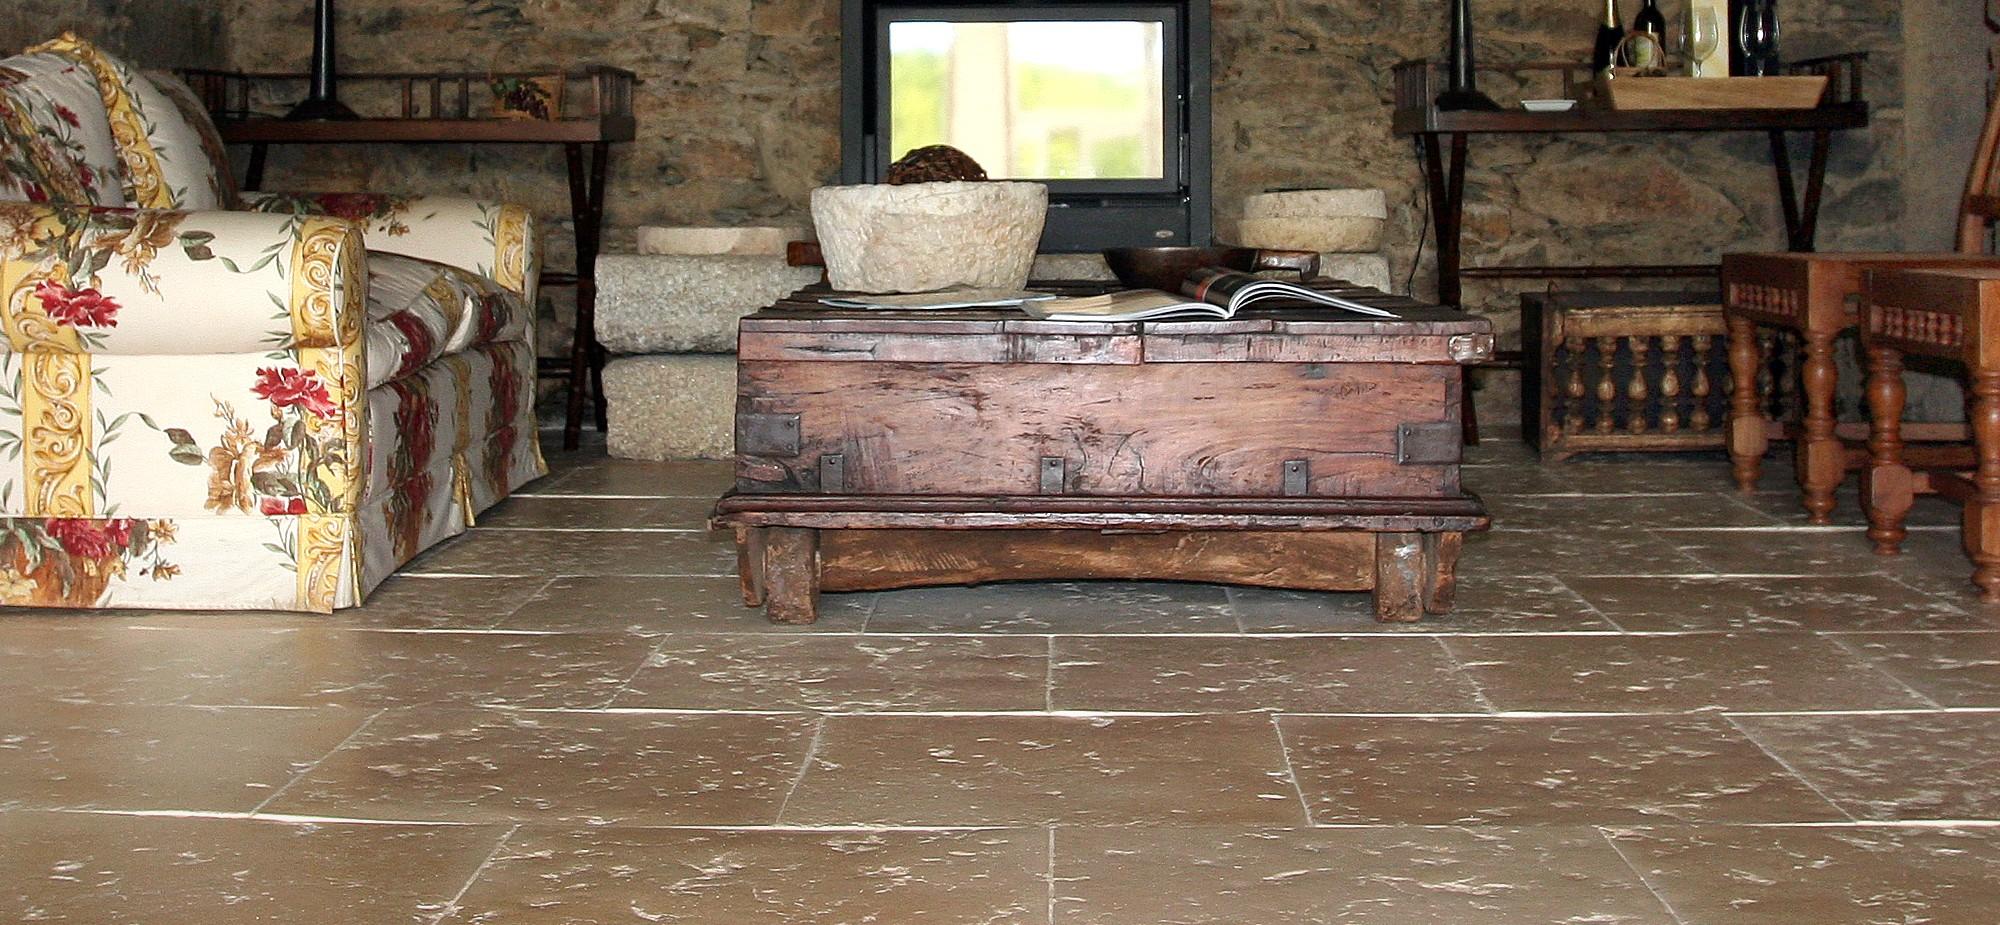 Pavimento merida pavimento em pedra natural reconstitu da for Pavimentos rusticos para interiores